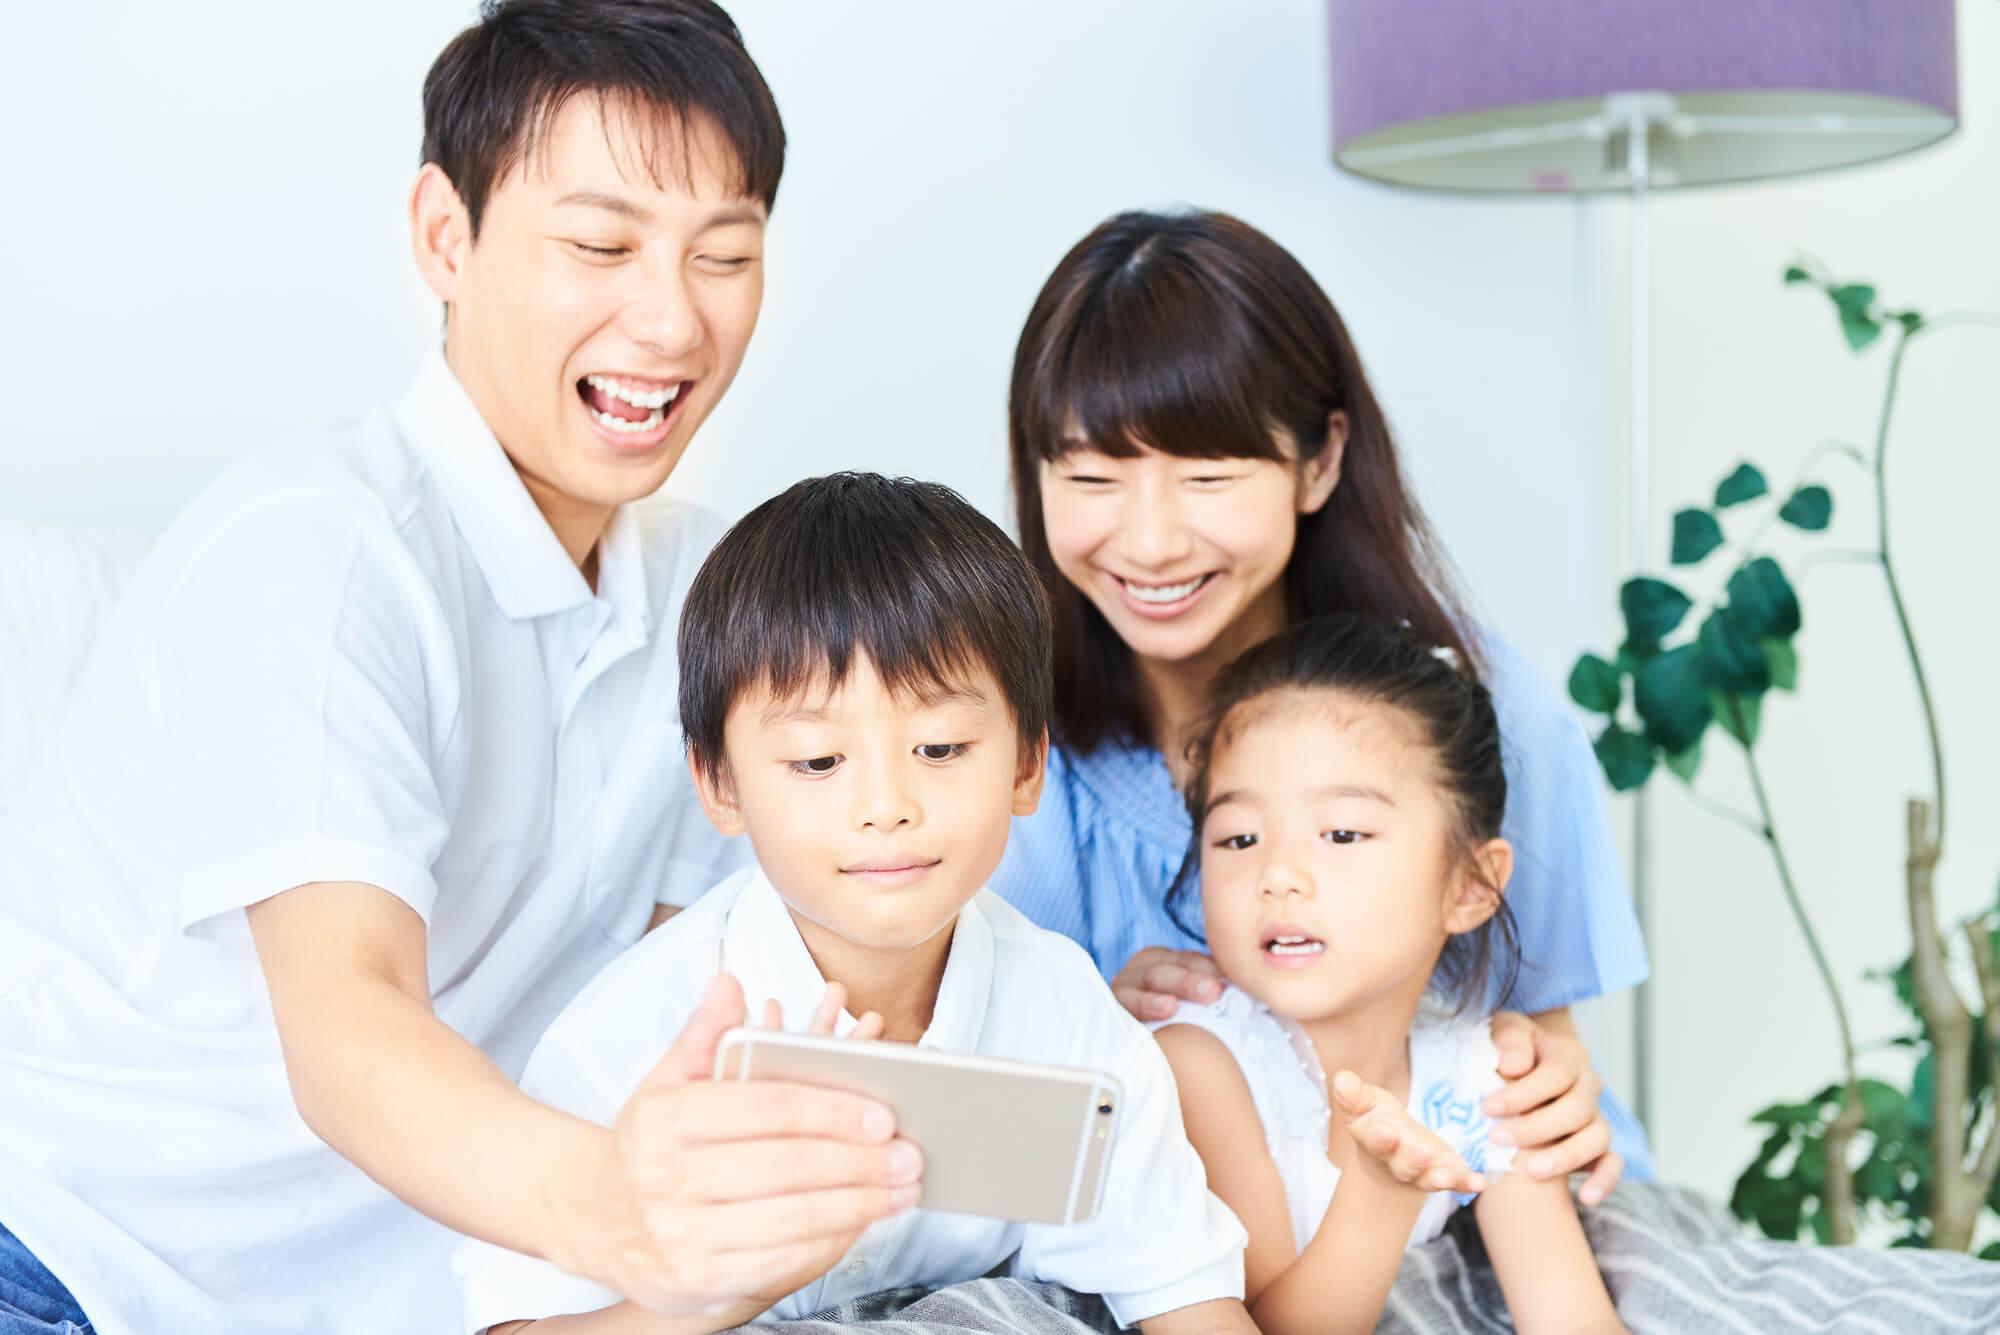 家族が笑顔でスマホを見る写真